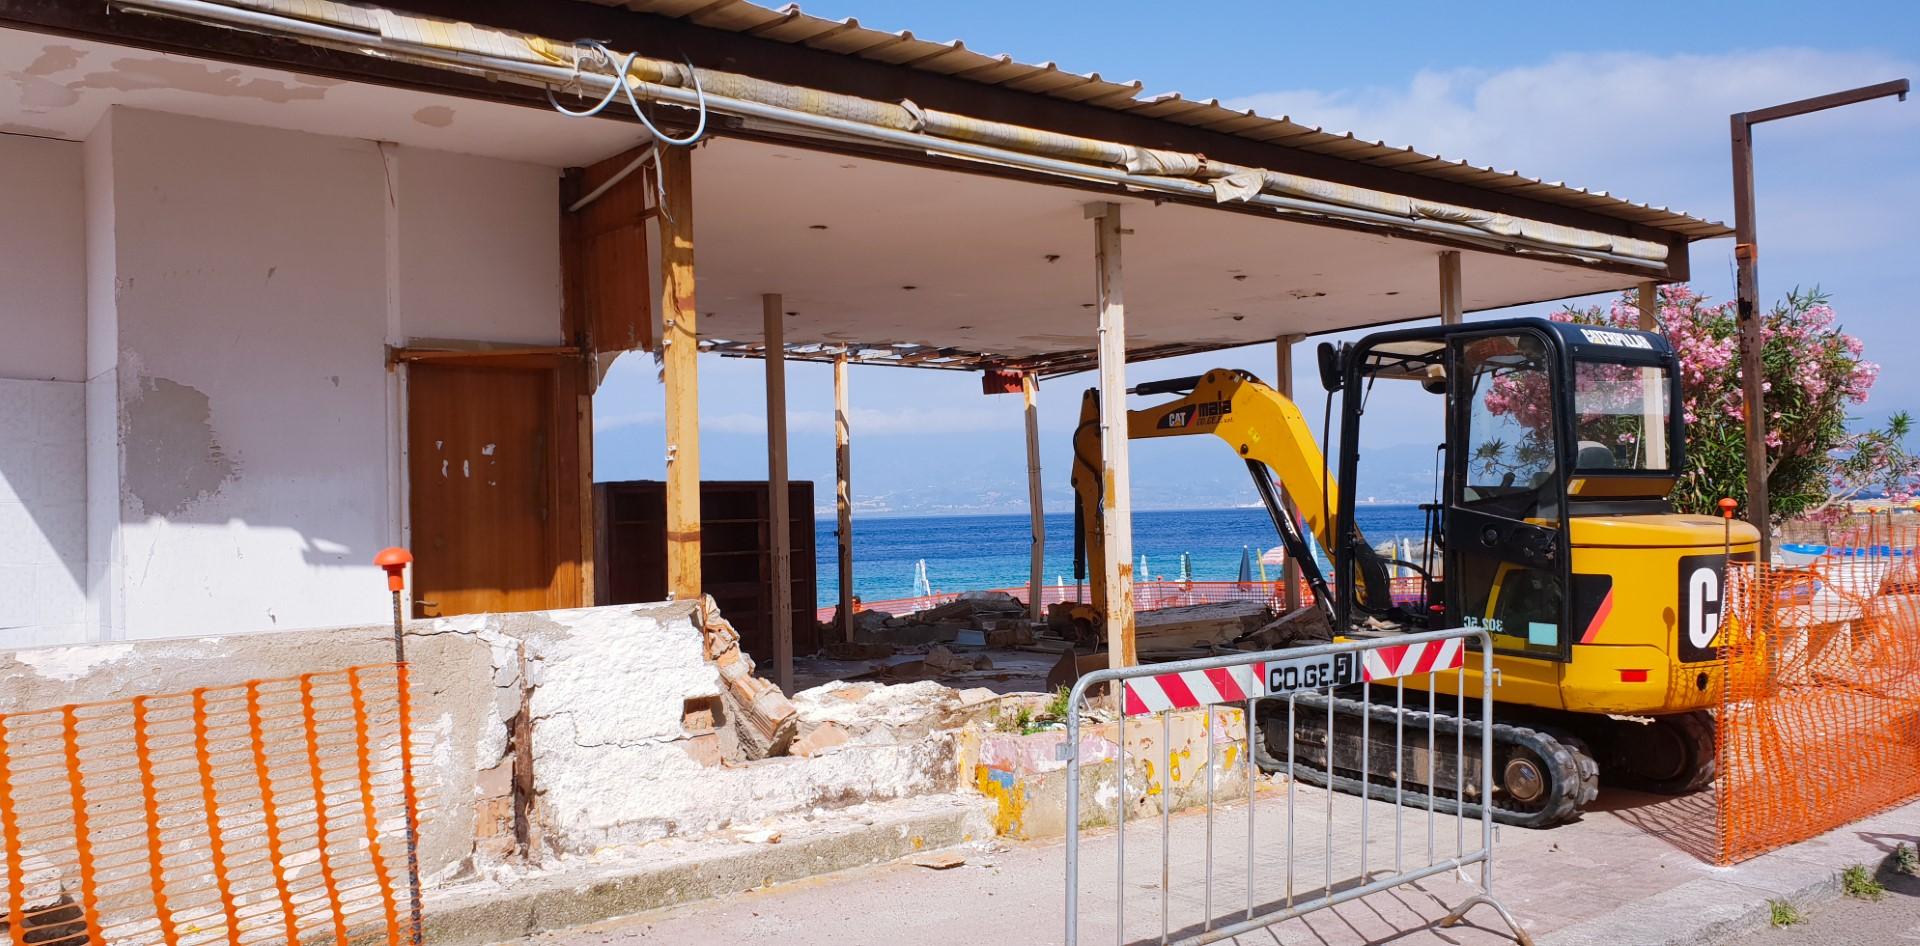 Demolito stabilimento balneare abusivo nel crotonese  Tutelato il litorale dopo il rigetto del condono edilizio